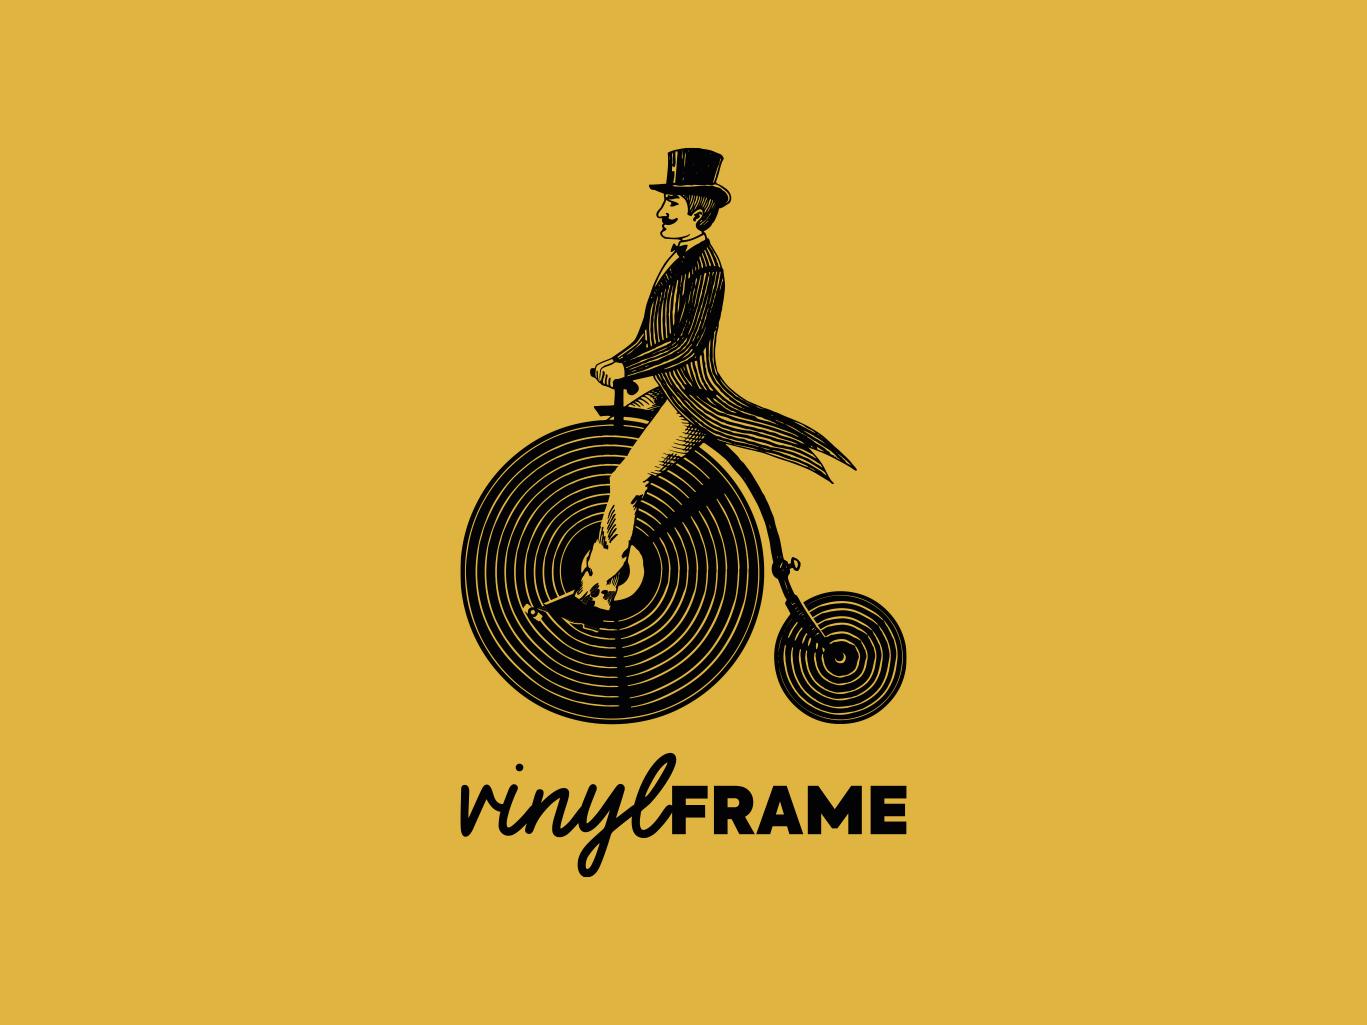 Logo voor VinylFrame gemaakt door Sjoerd van Schagen